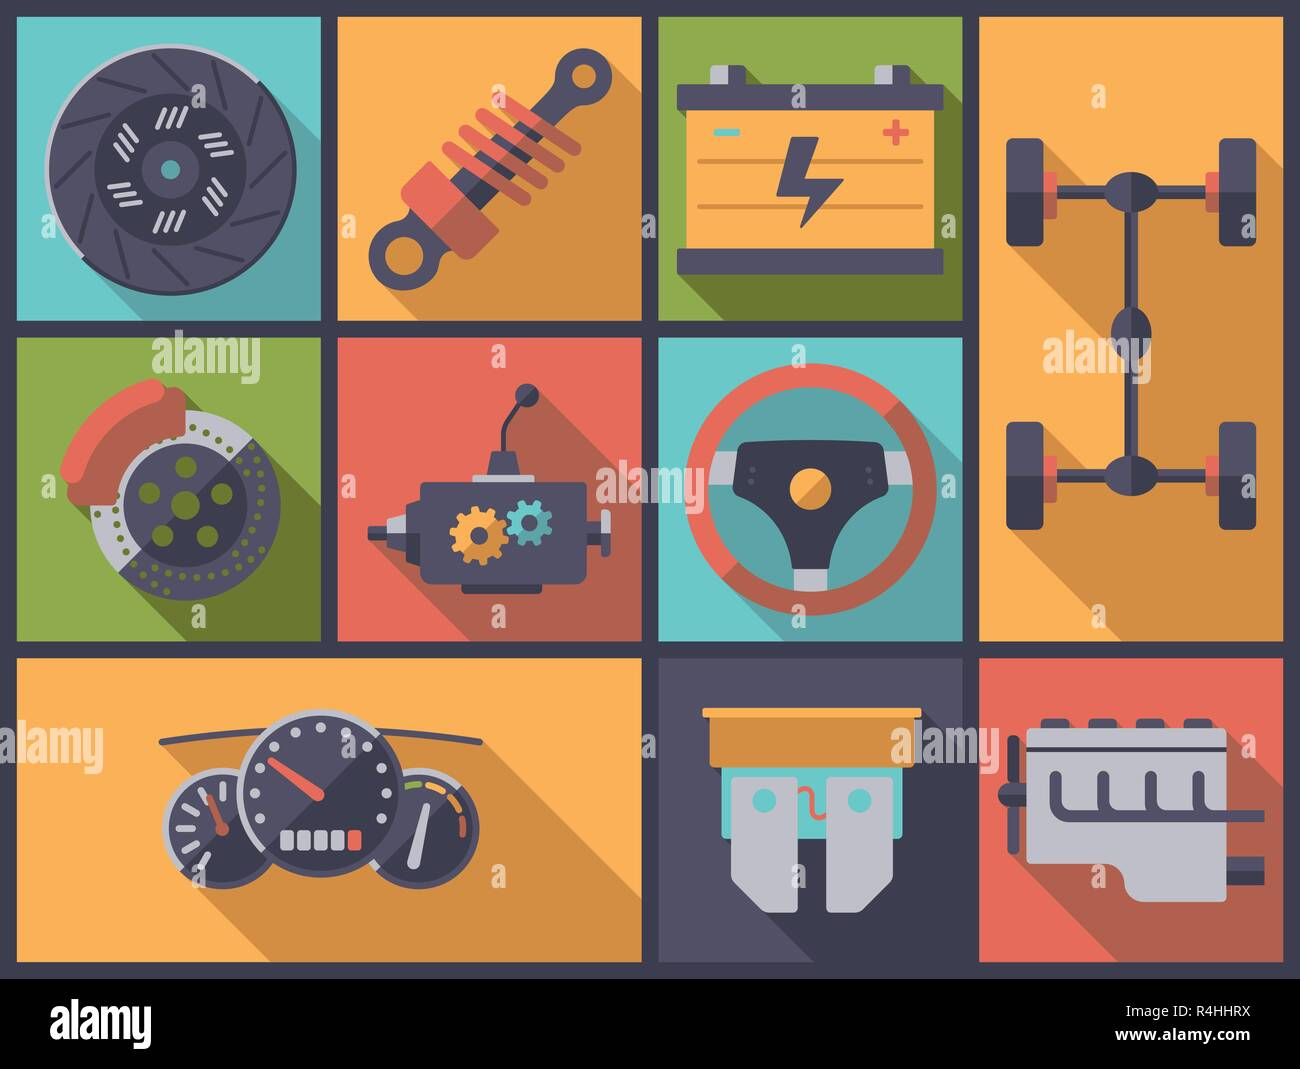 Horizontal flat design long shadow illustration with motor vehicle parts symbols - Stock Image